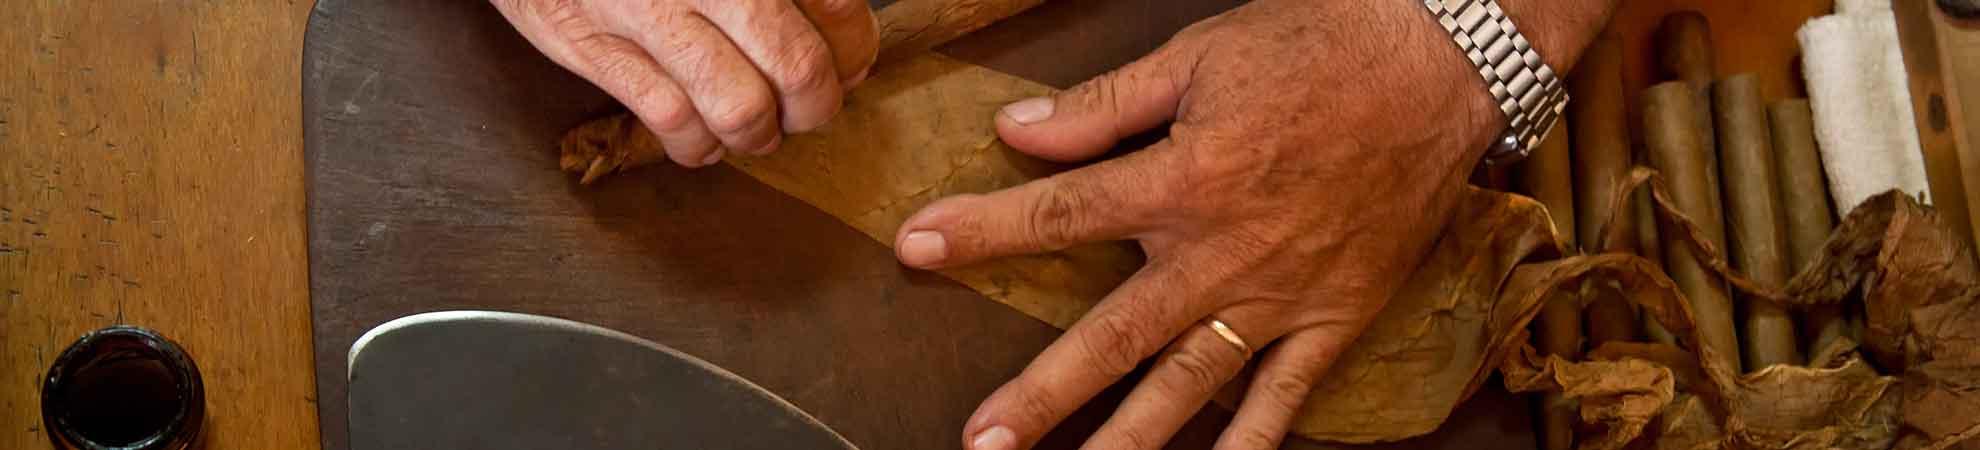 Artisanat et souvenirs de Cuba